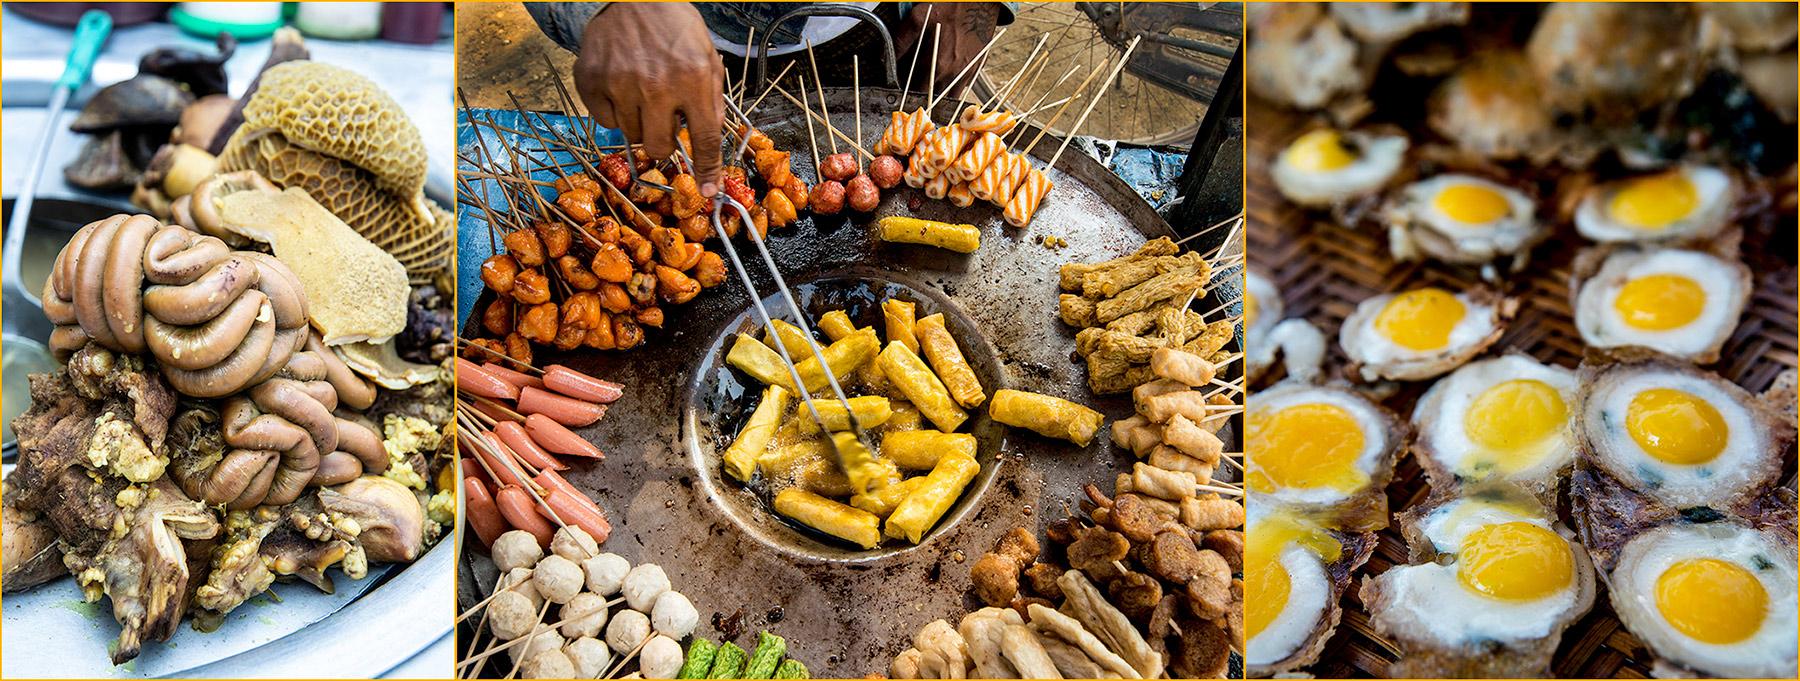 Myanmar: Street food